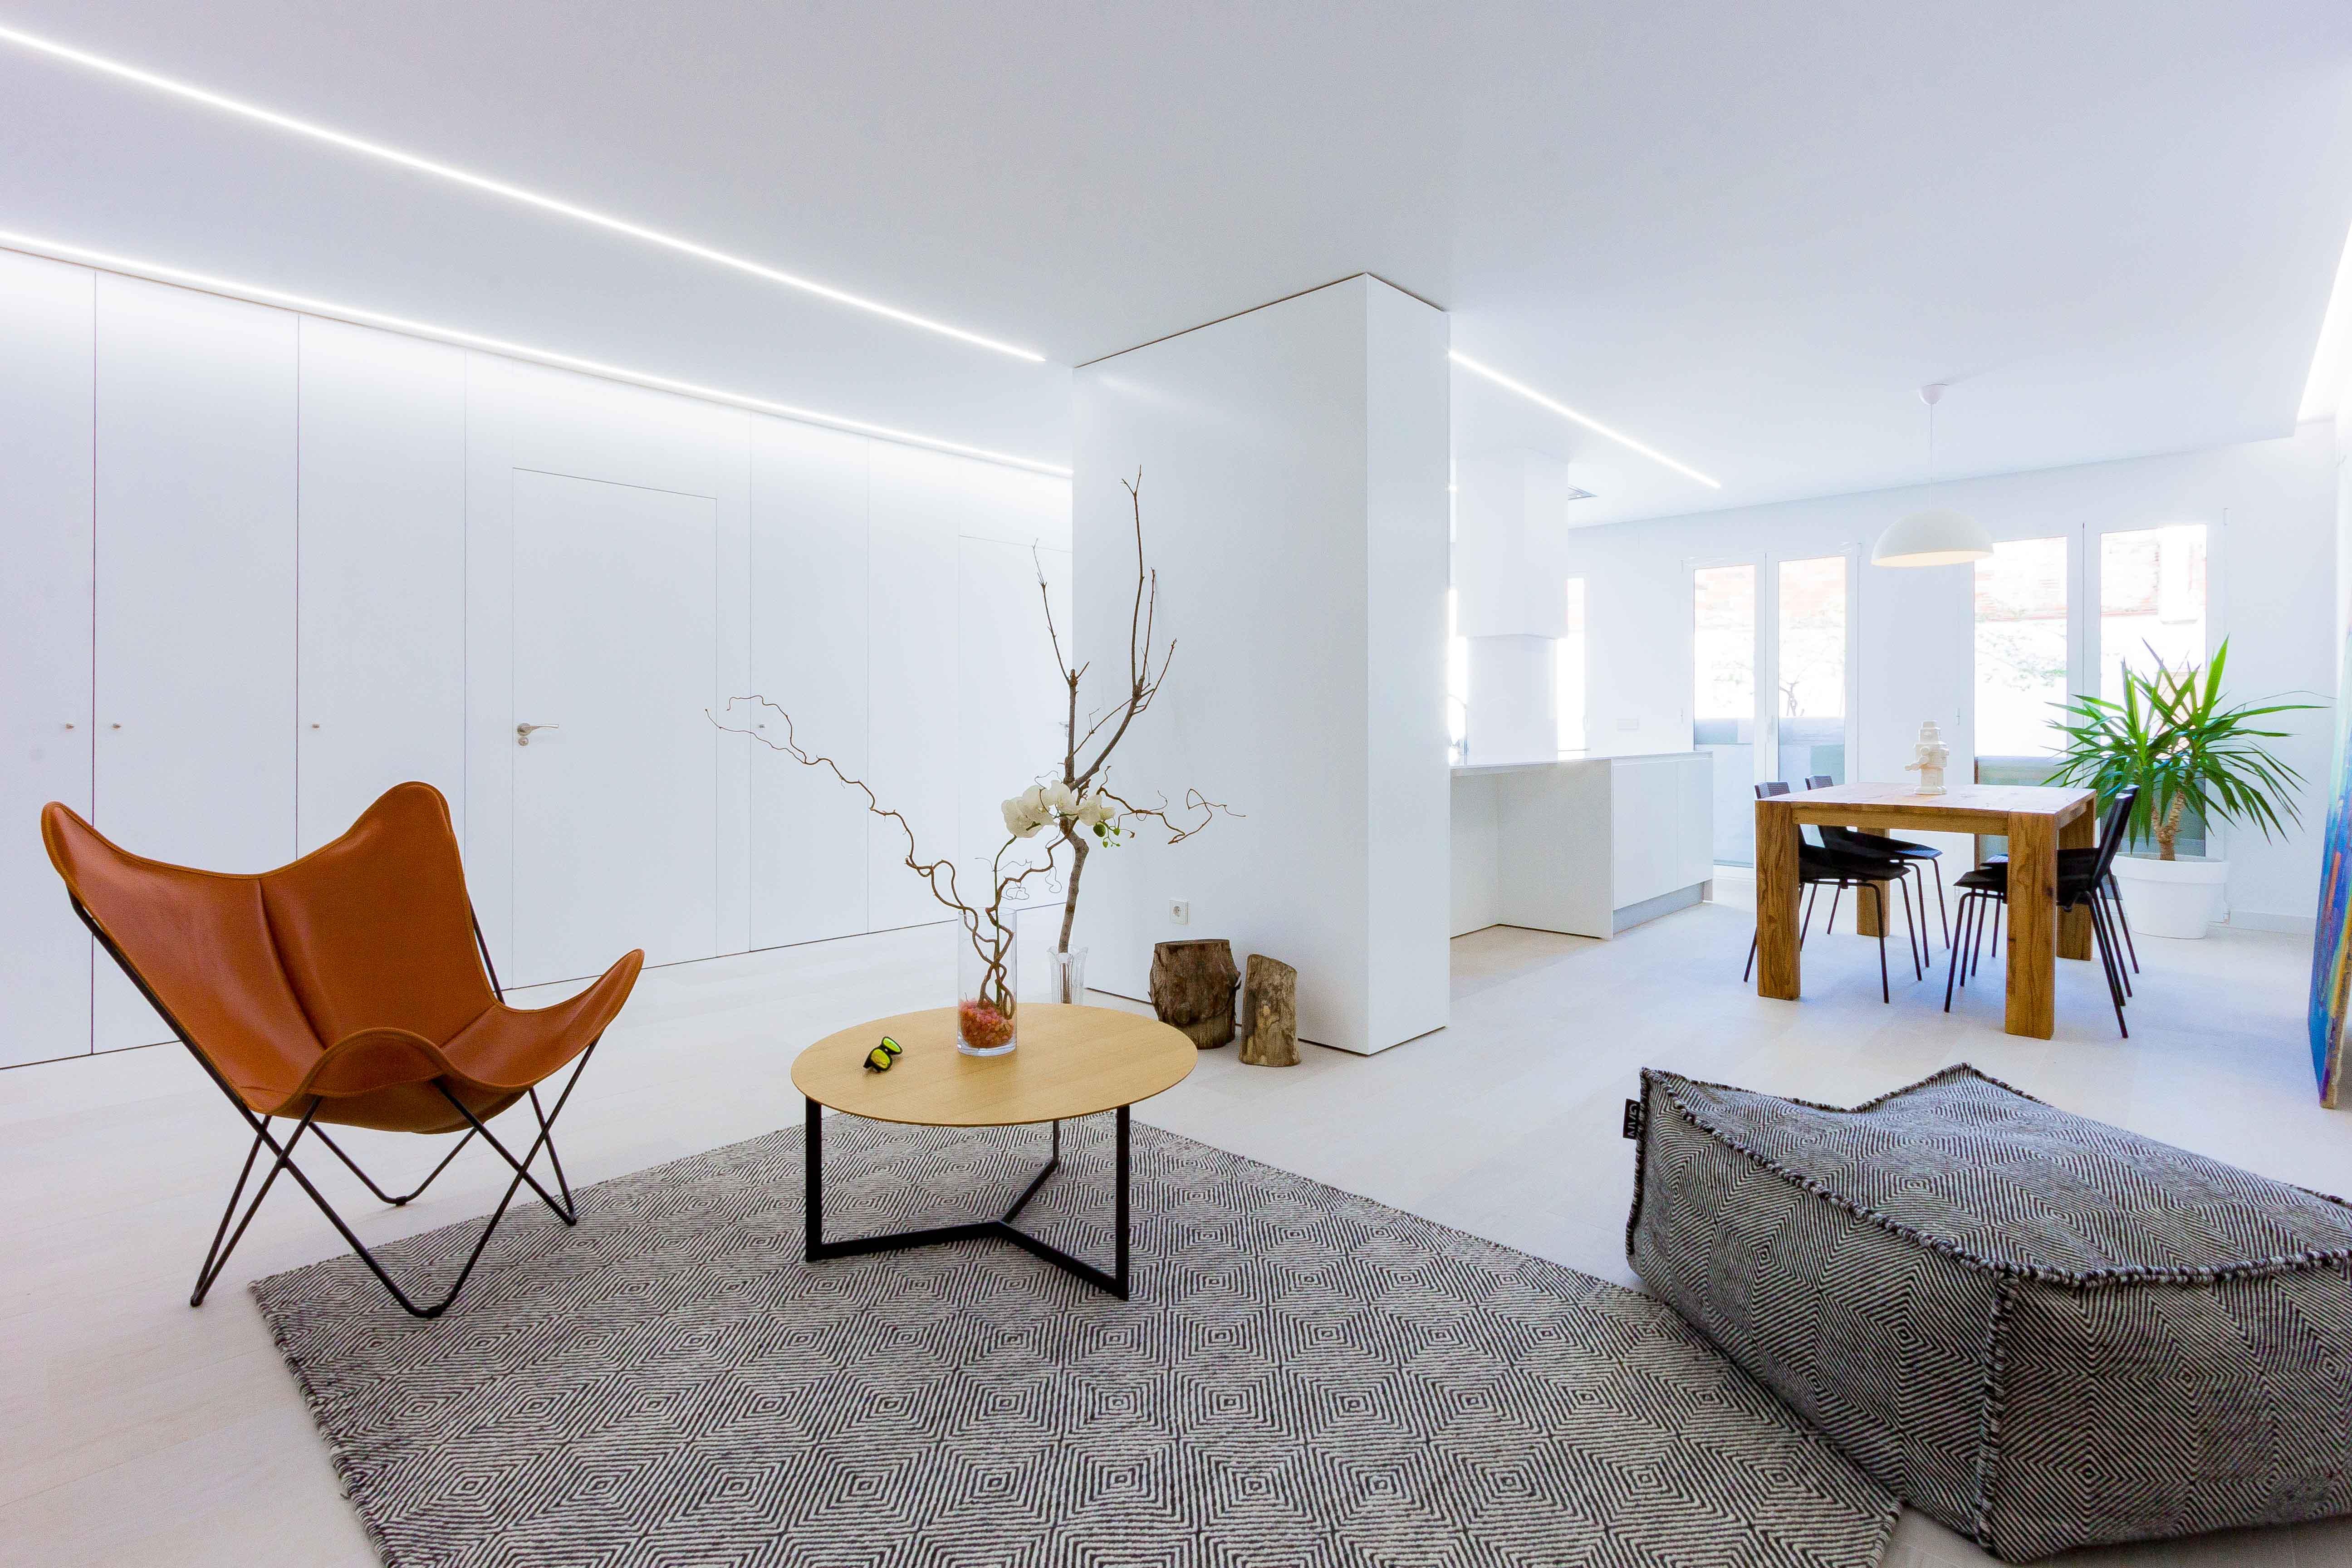 Salón comedor con cocina blanca abierta, moderna y minimalista. Mesa de comedor de madera con sillas negras. Puf y sillon de cuero